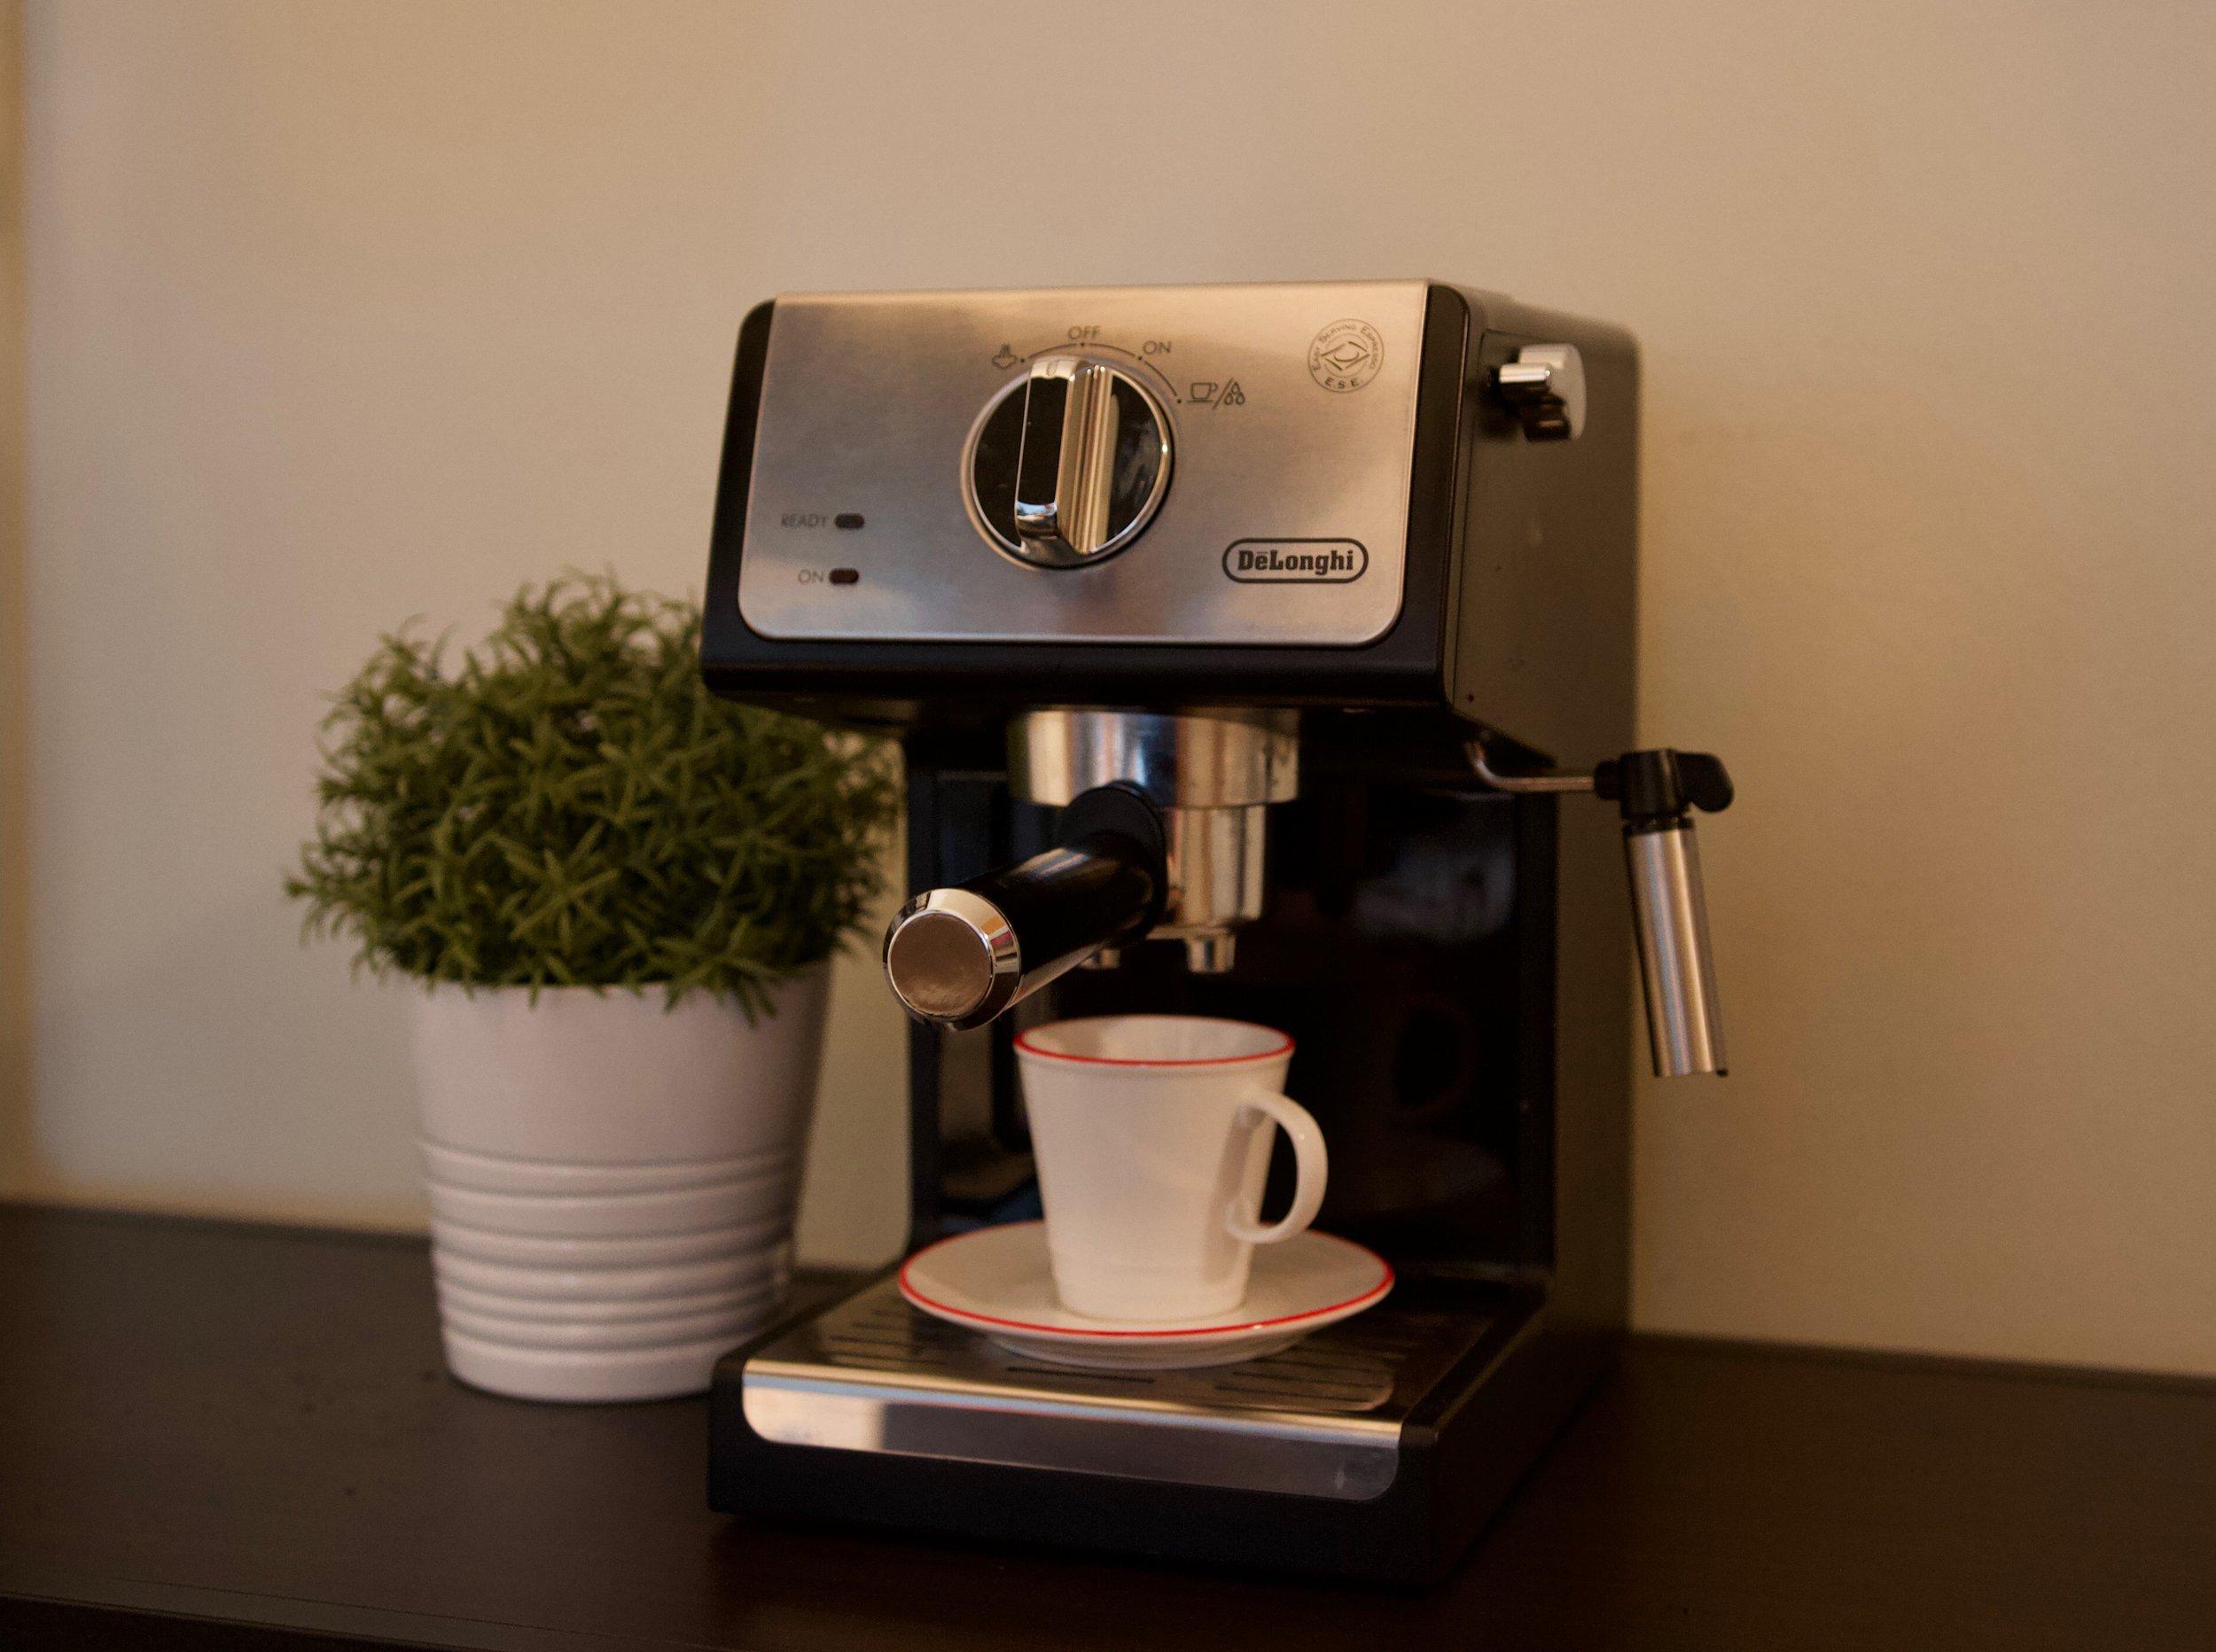 De'Longhi Espresso Cappuccino Maker - More espresso, less depresso.